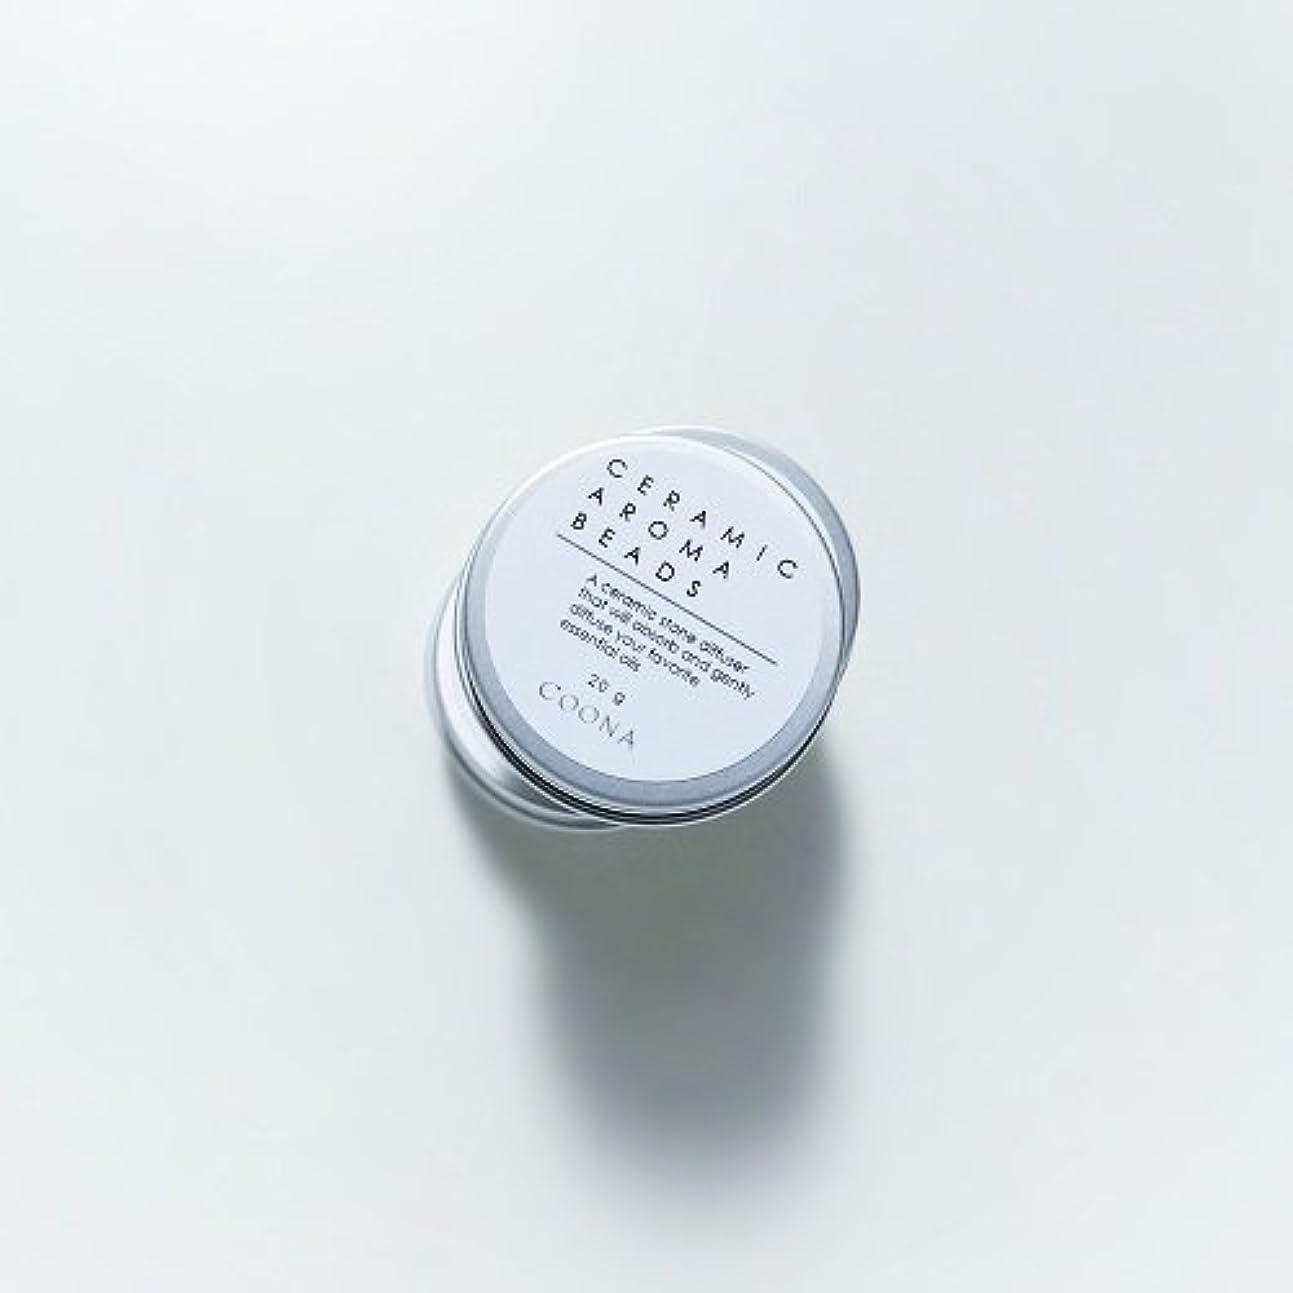 マキシムまばたき強制的セラミックアロマビーズ(缶入り アロマストーン エコディフューザー)20g×1個